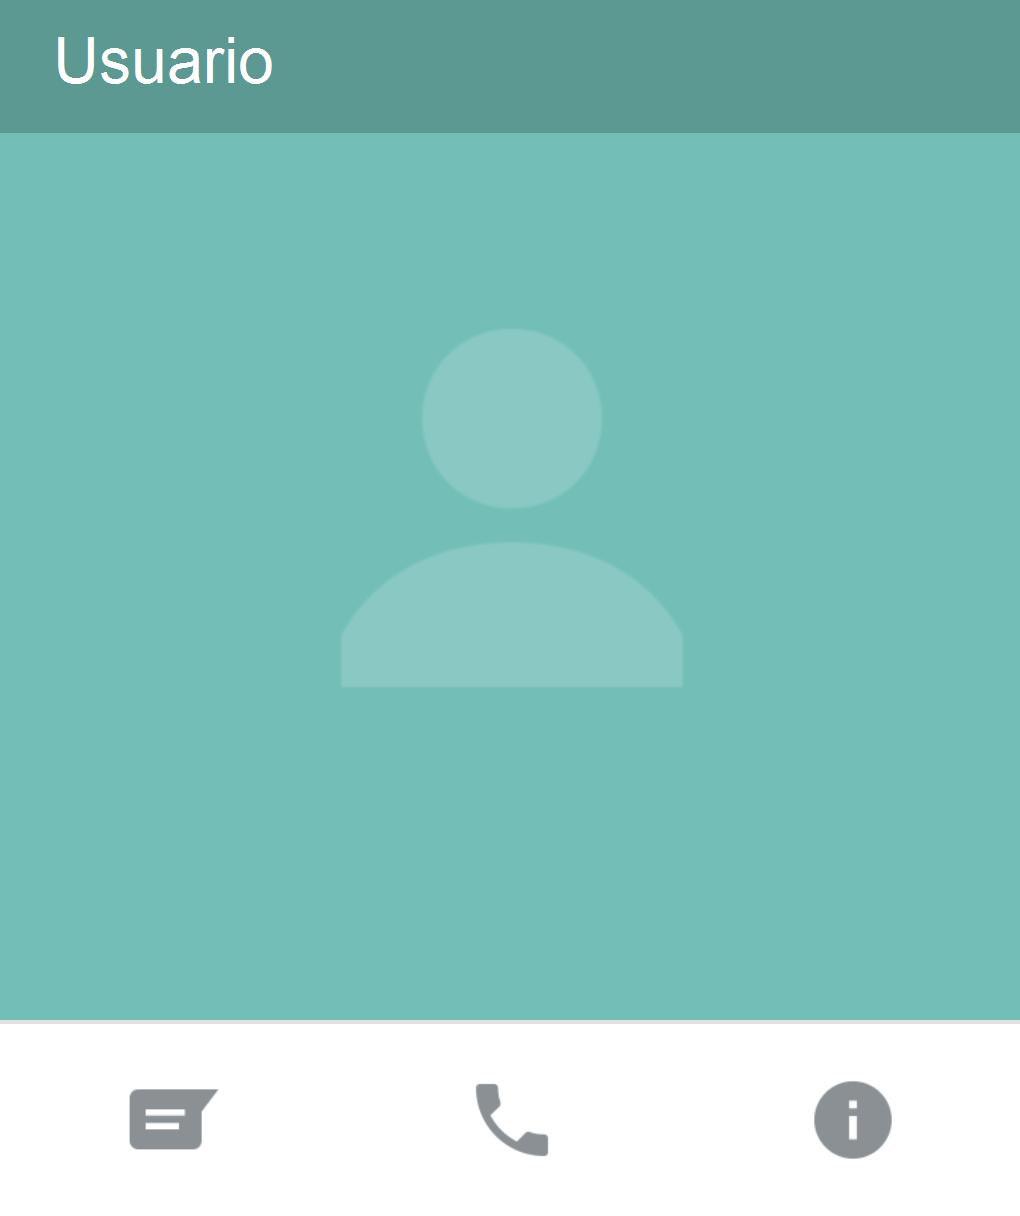 bloqueado_en_whatsapp_Imagen_de_usuario_bloqueado